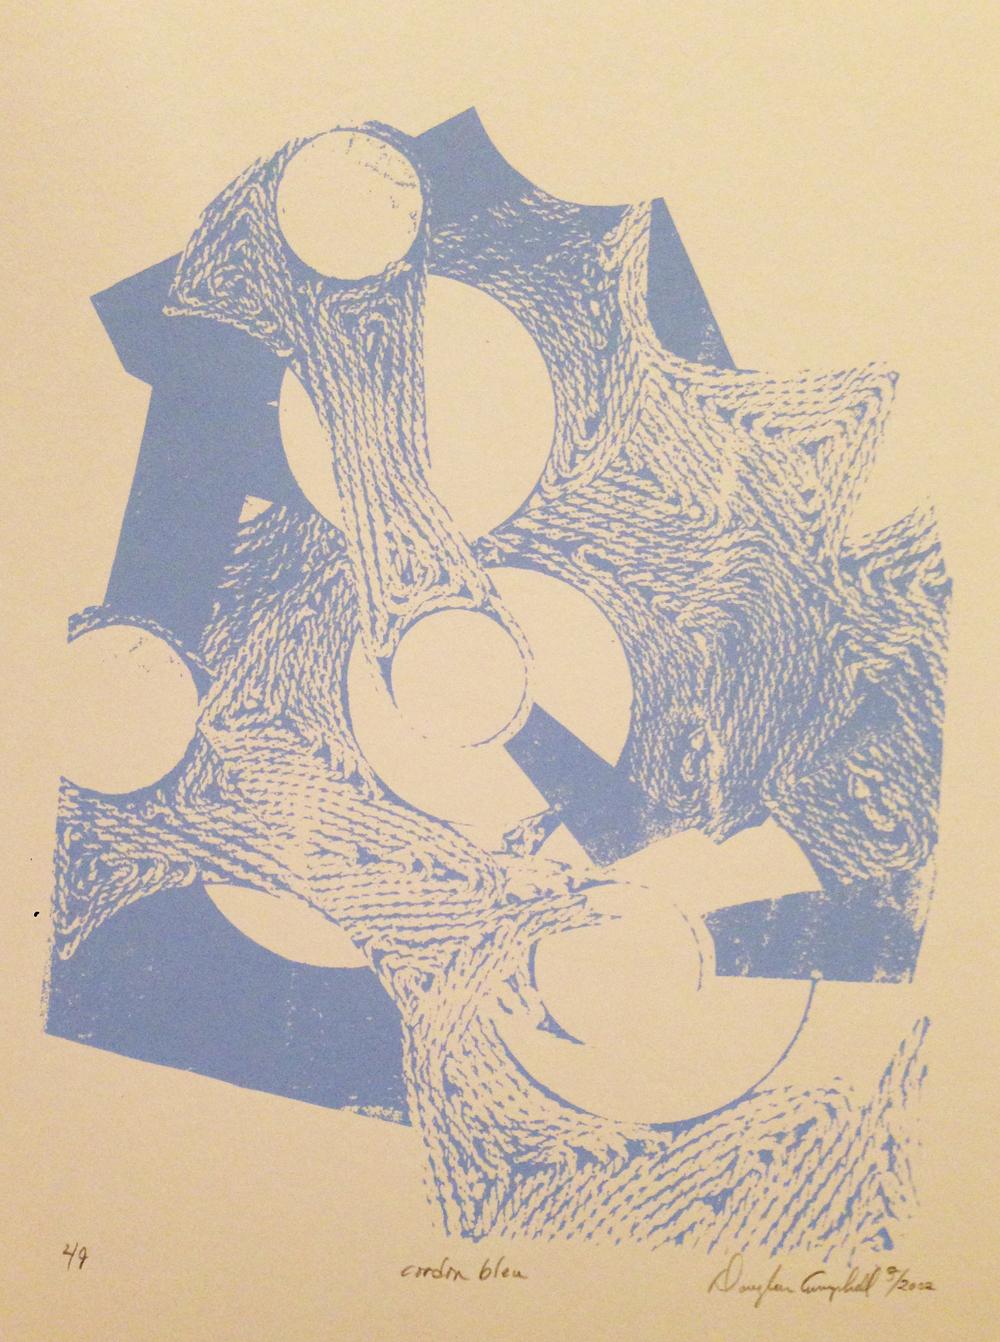 Cordeon Bleu